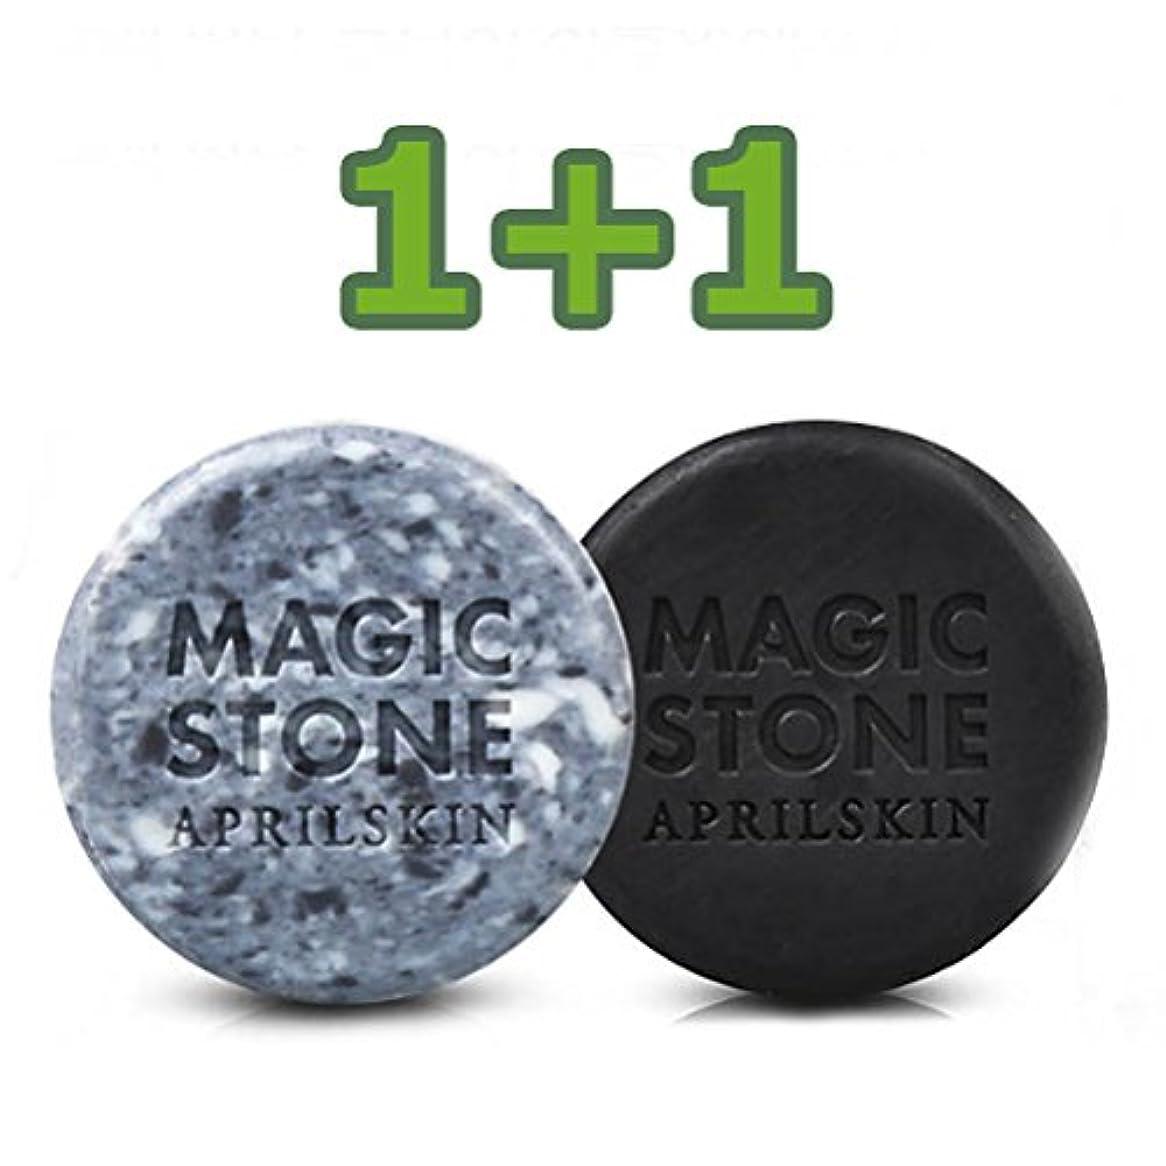 リス遡るトレースエイプリルスキン マジックストーンソープ オリジナル&ブラック (Aprilskin Magic Stone Soap Original & Black) 90g * 2個 / 正品?海外直送商品